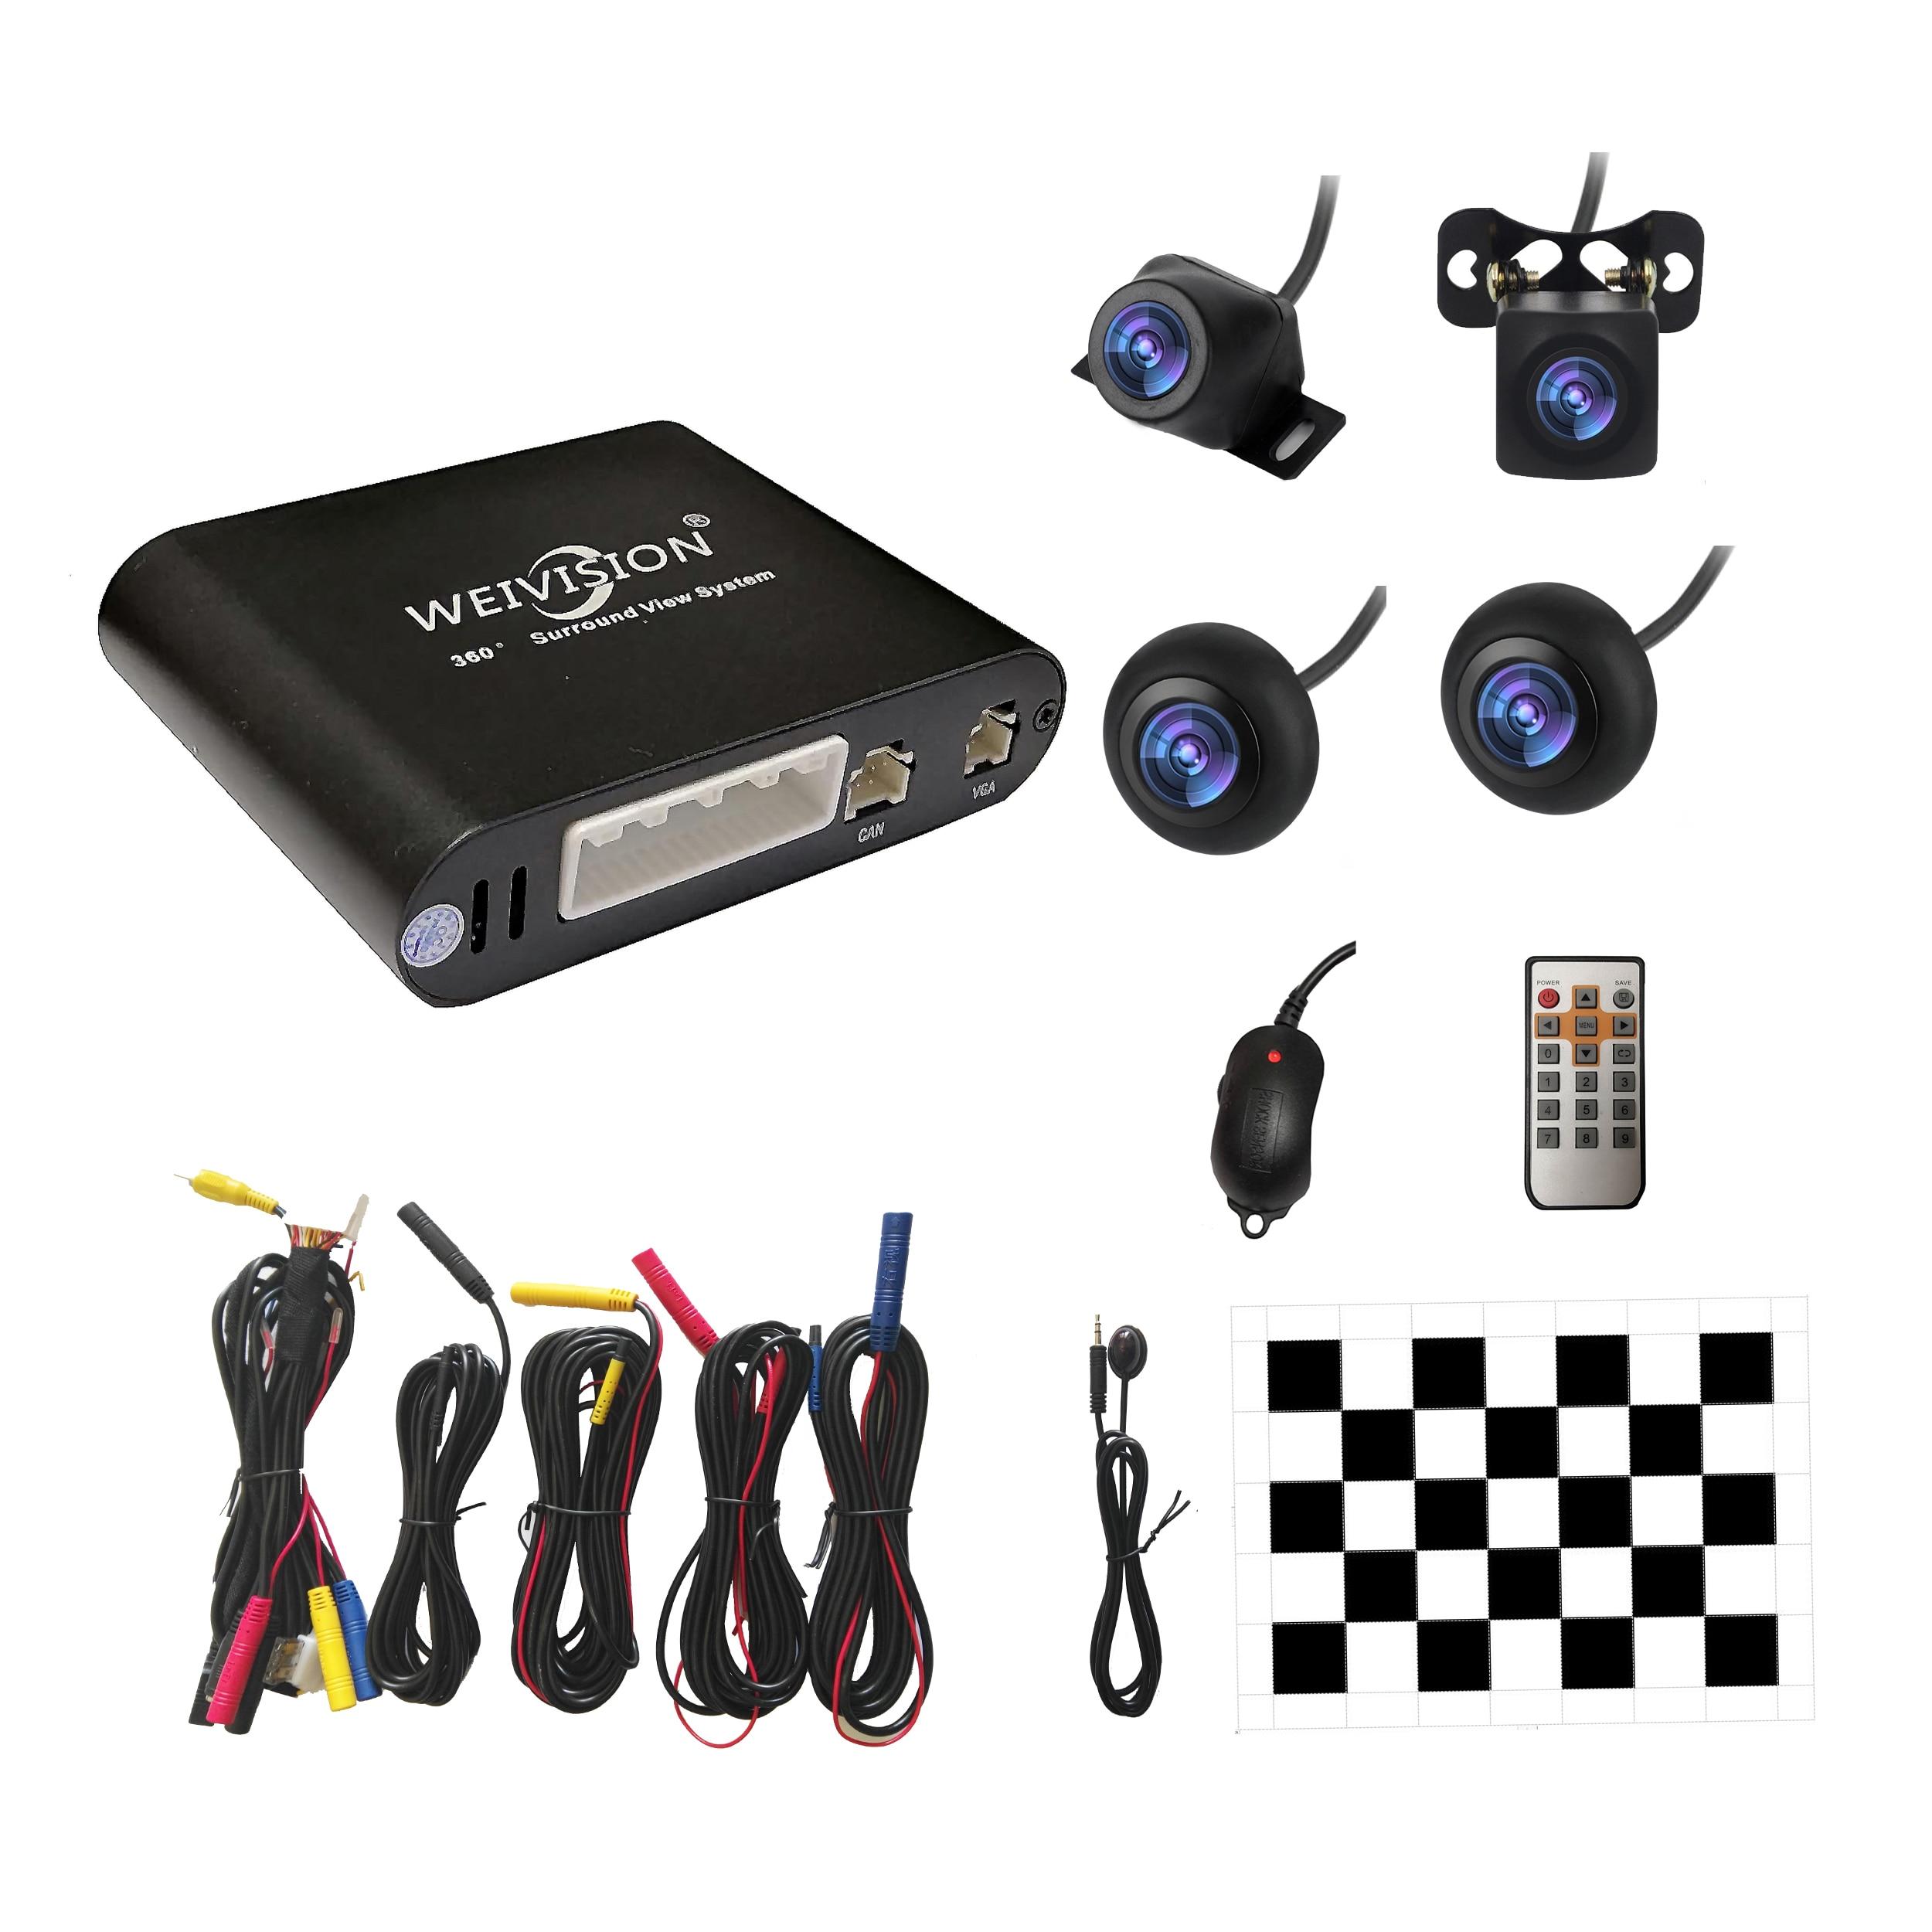 Acessórios do carro Weivision Universal Sistema de Som Surround com Vista Panorâmica de 360 Graus bird View, Todos em torno de Vista sistema de Câmera com DVR